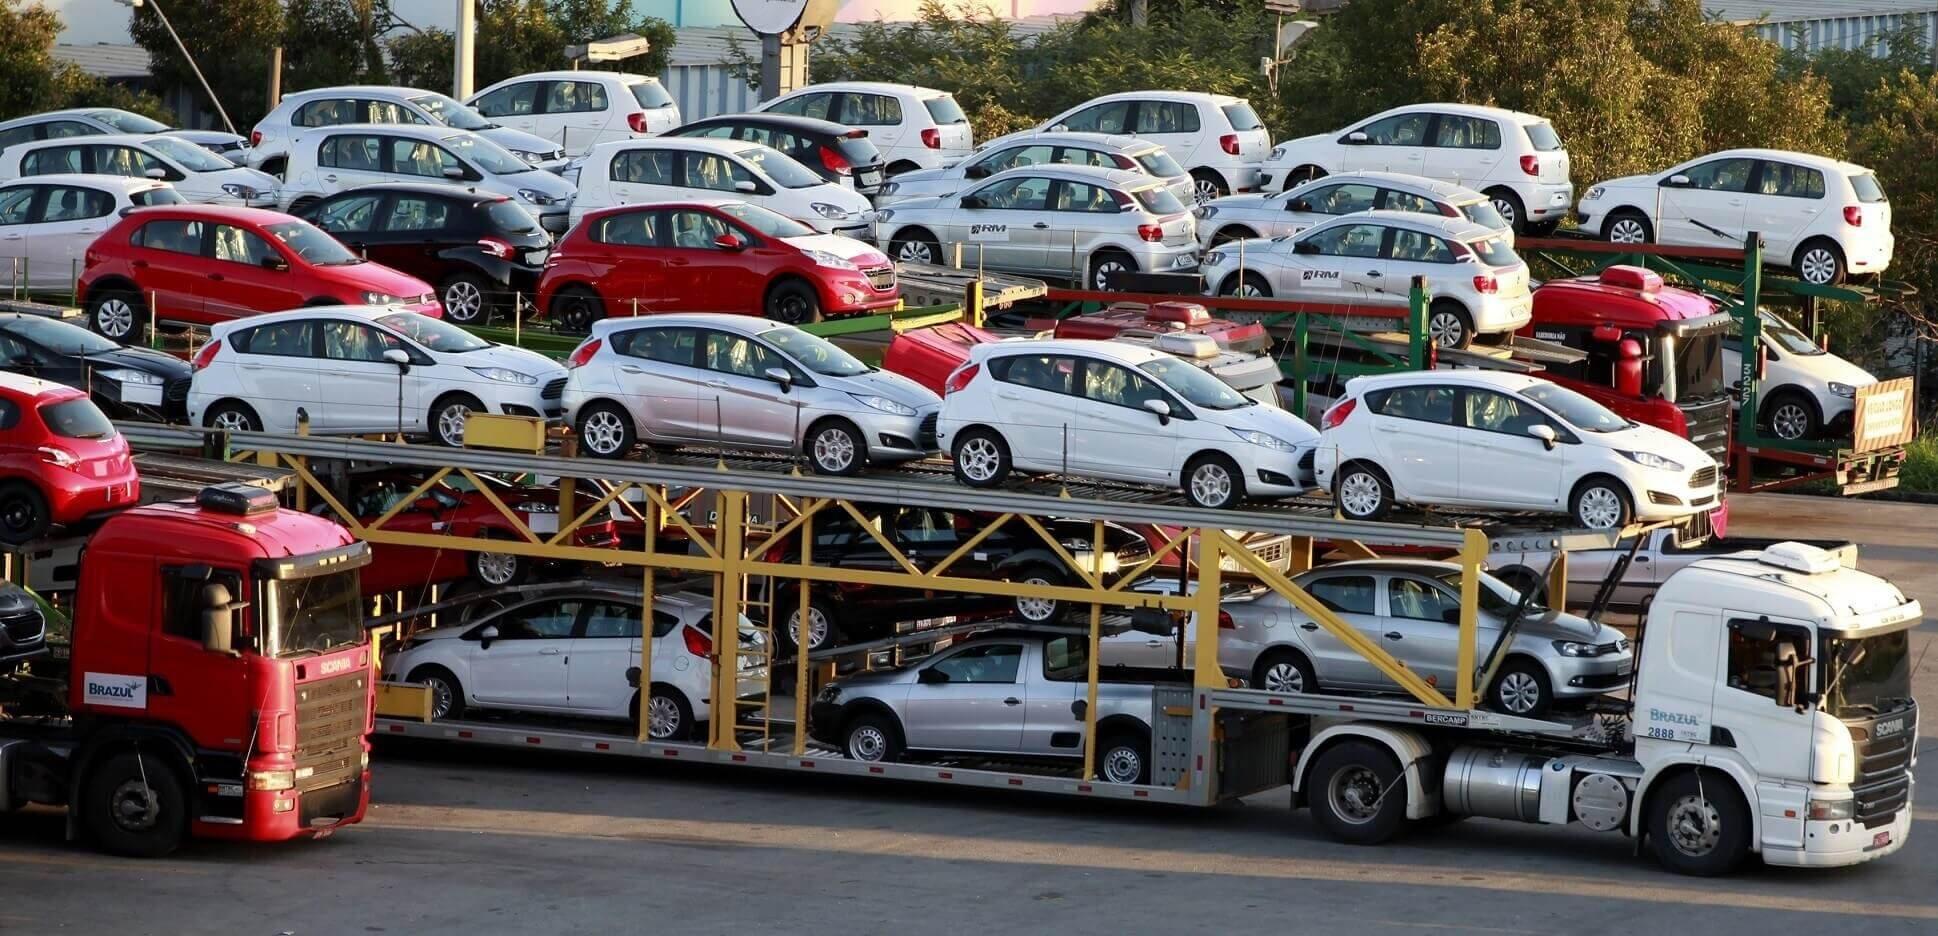 Объем поддержки спроса на автомобили в России в 2019 году может составить 10 млрд рублей